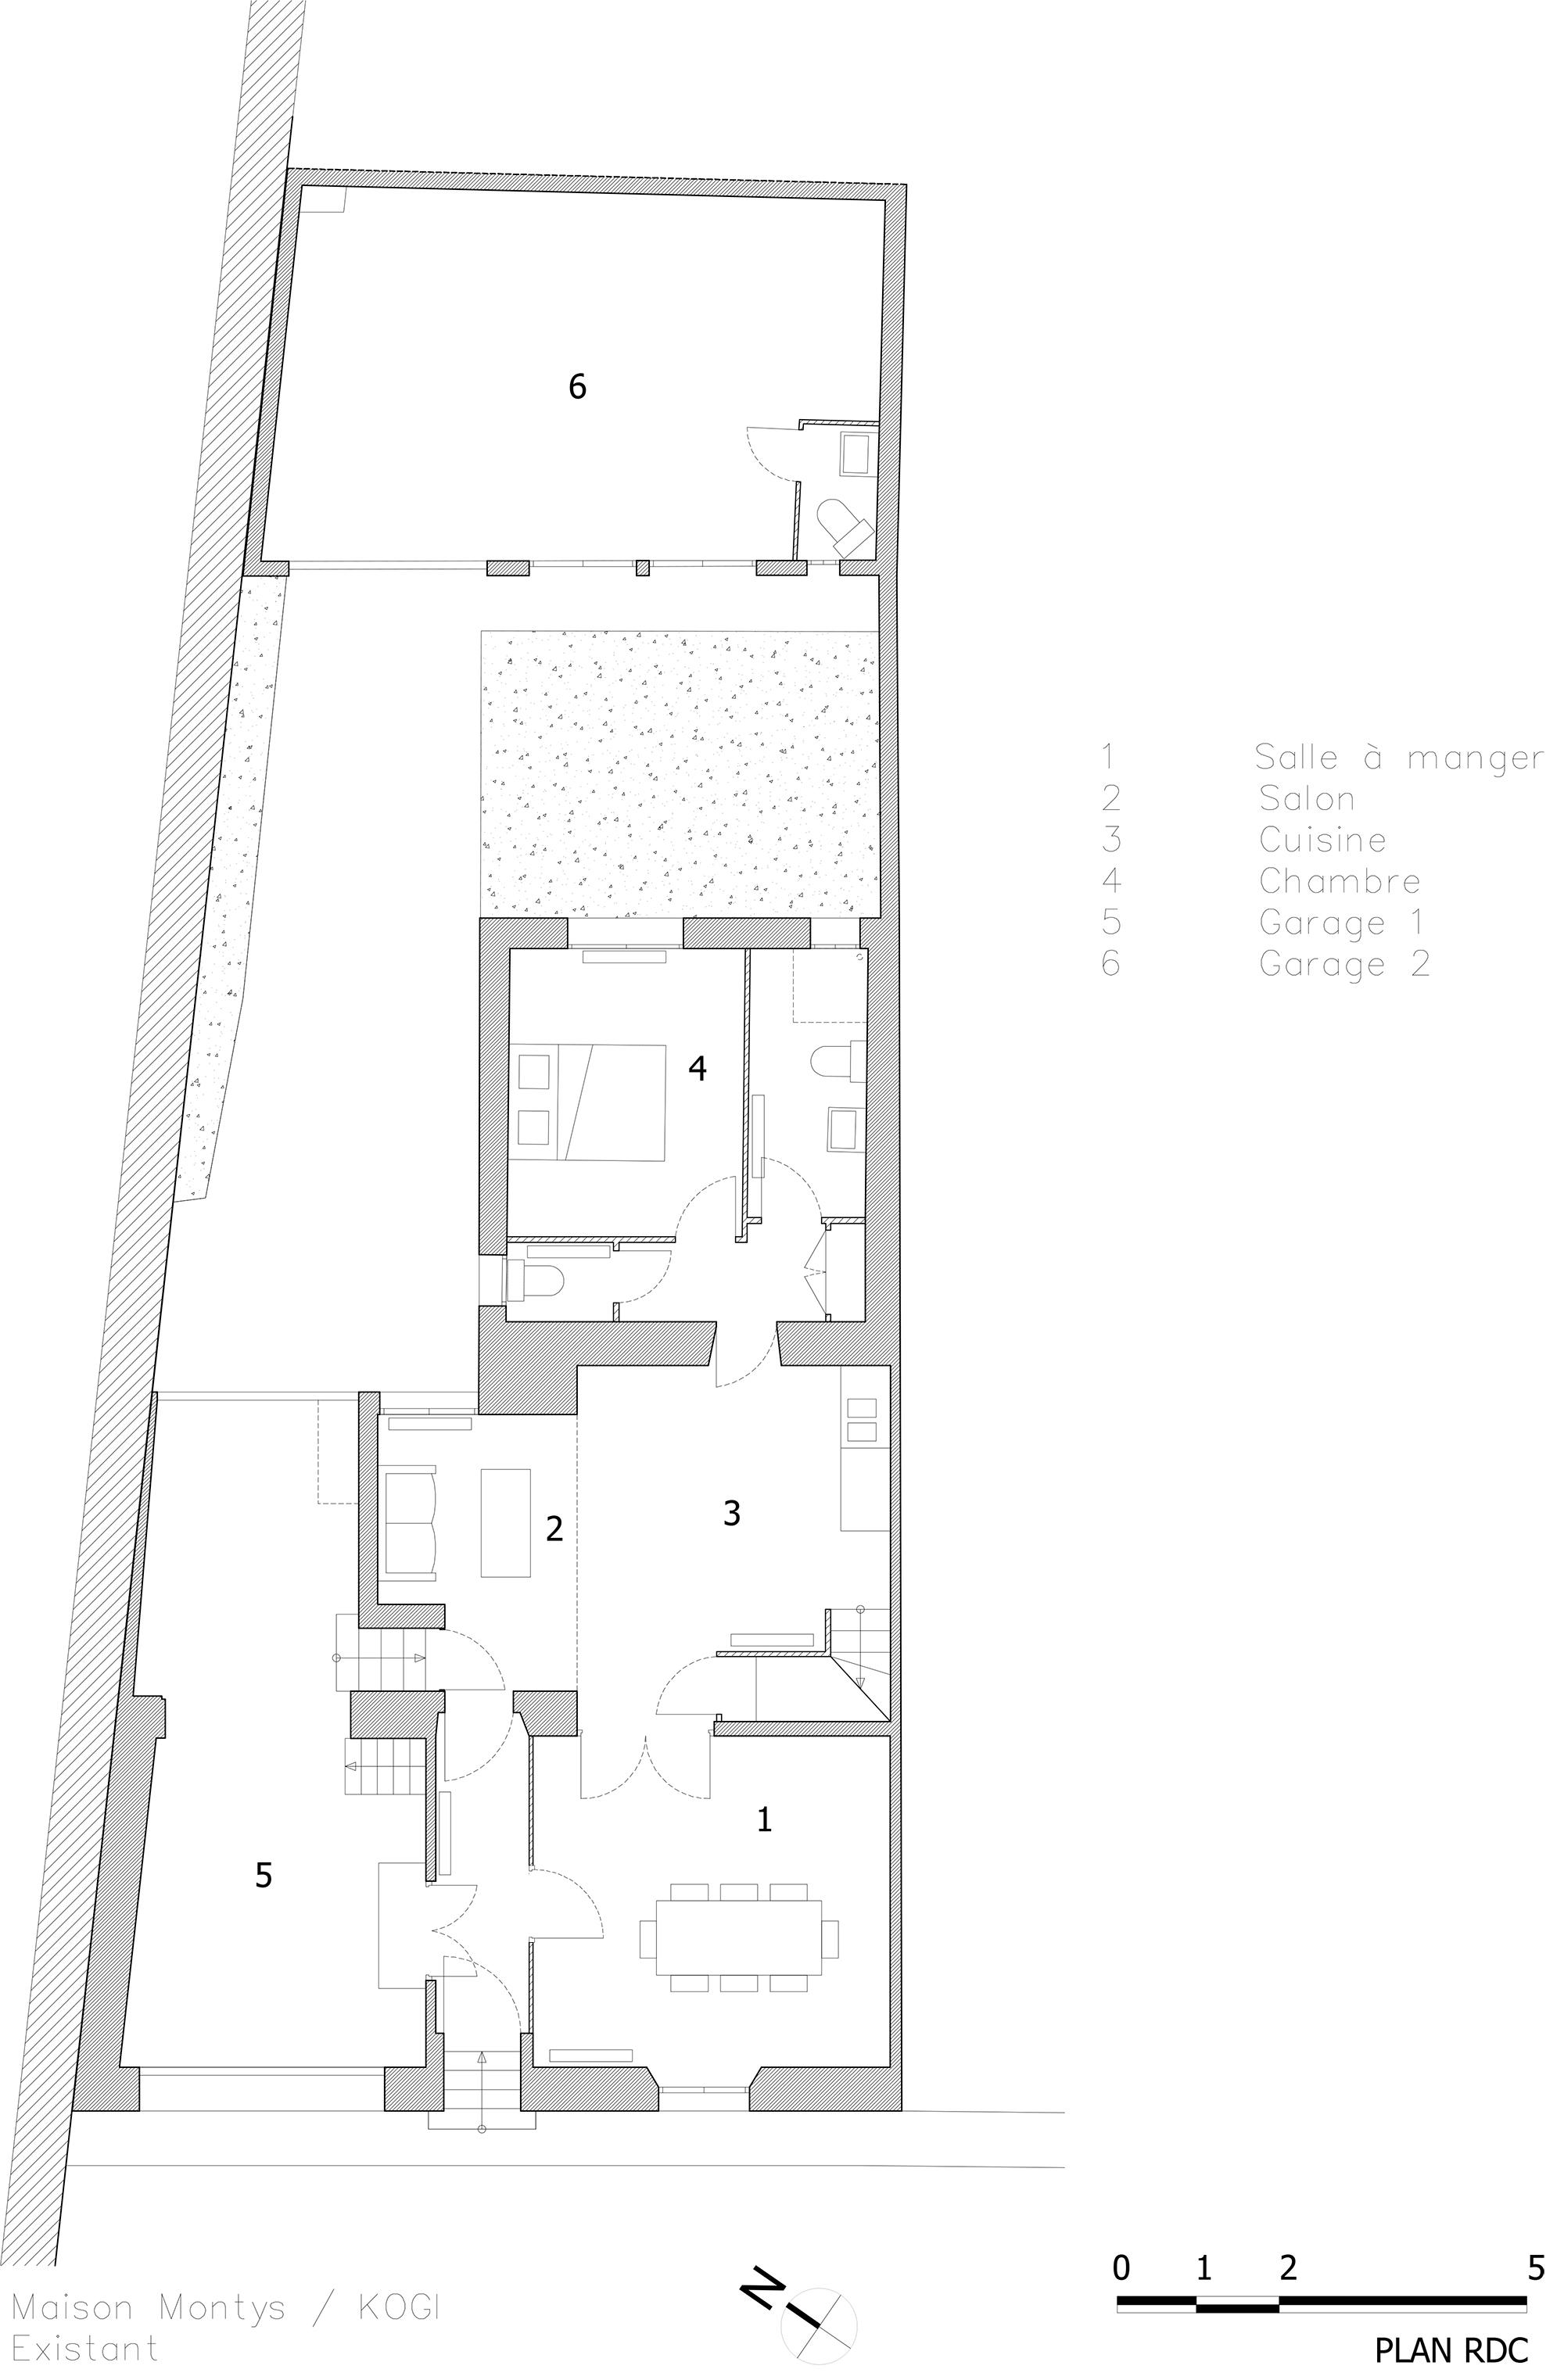 KOGI-Maison Montys - Existant - Plan RDC